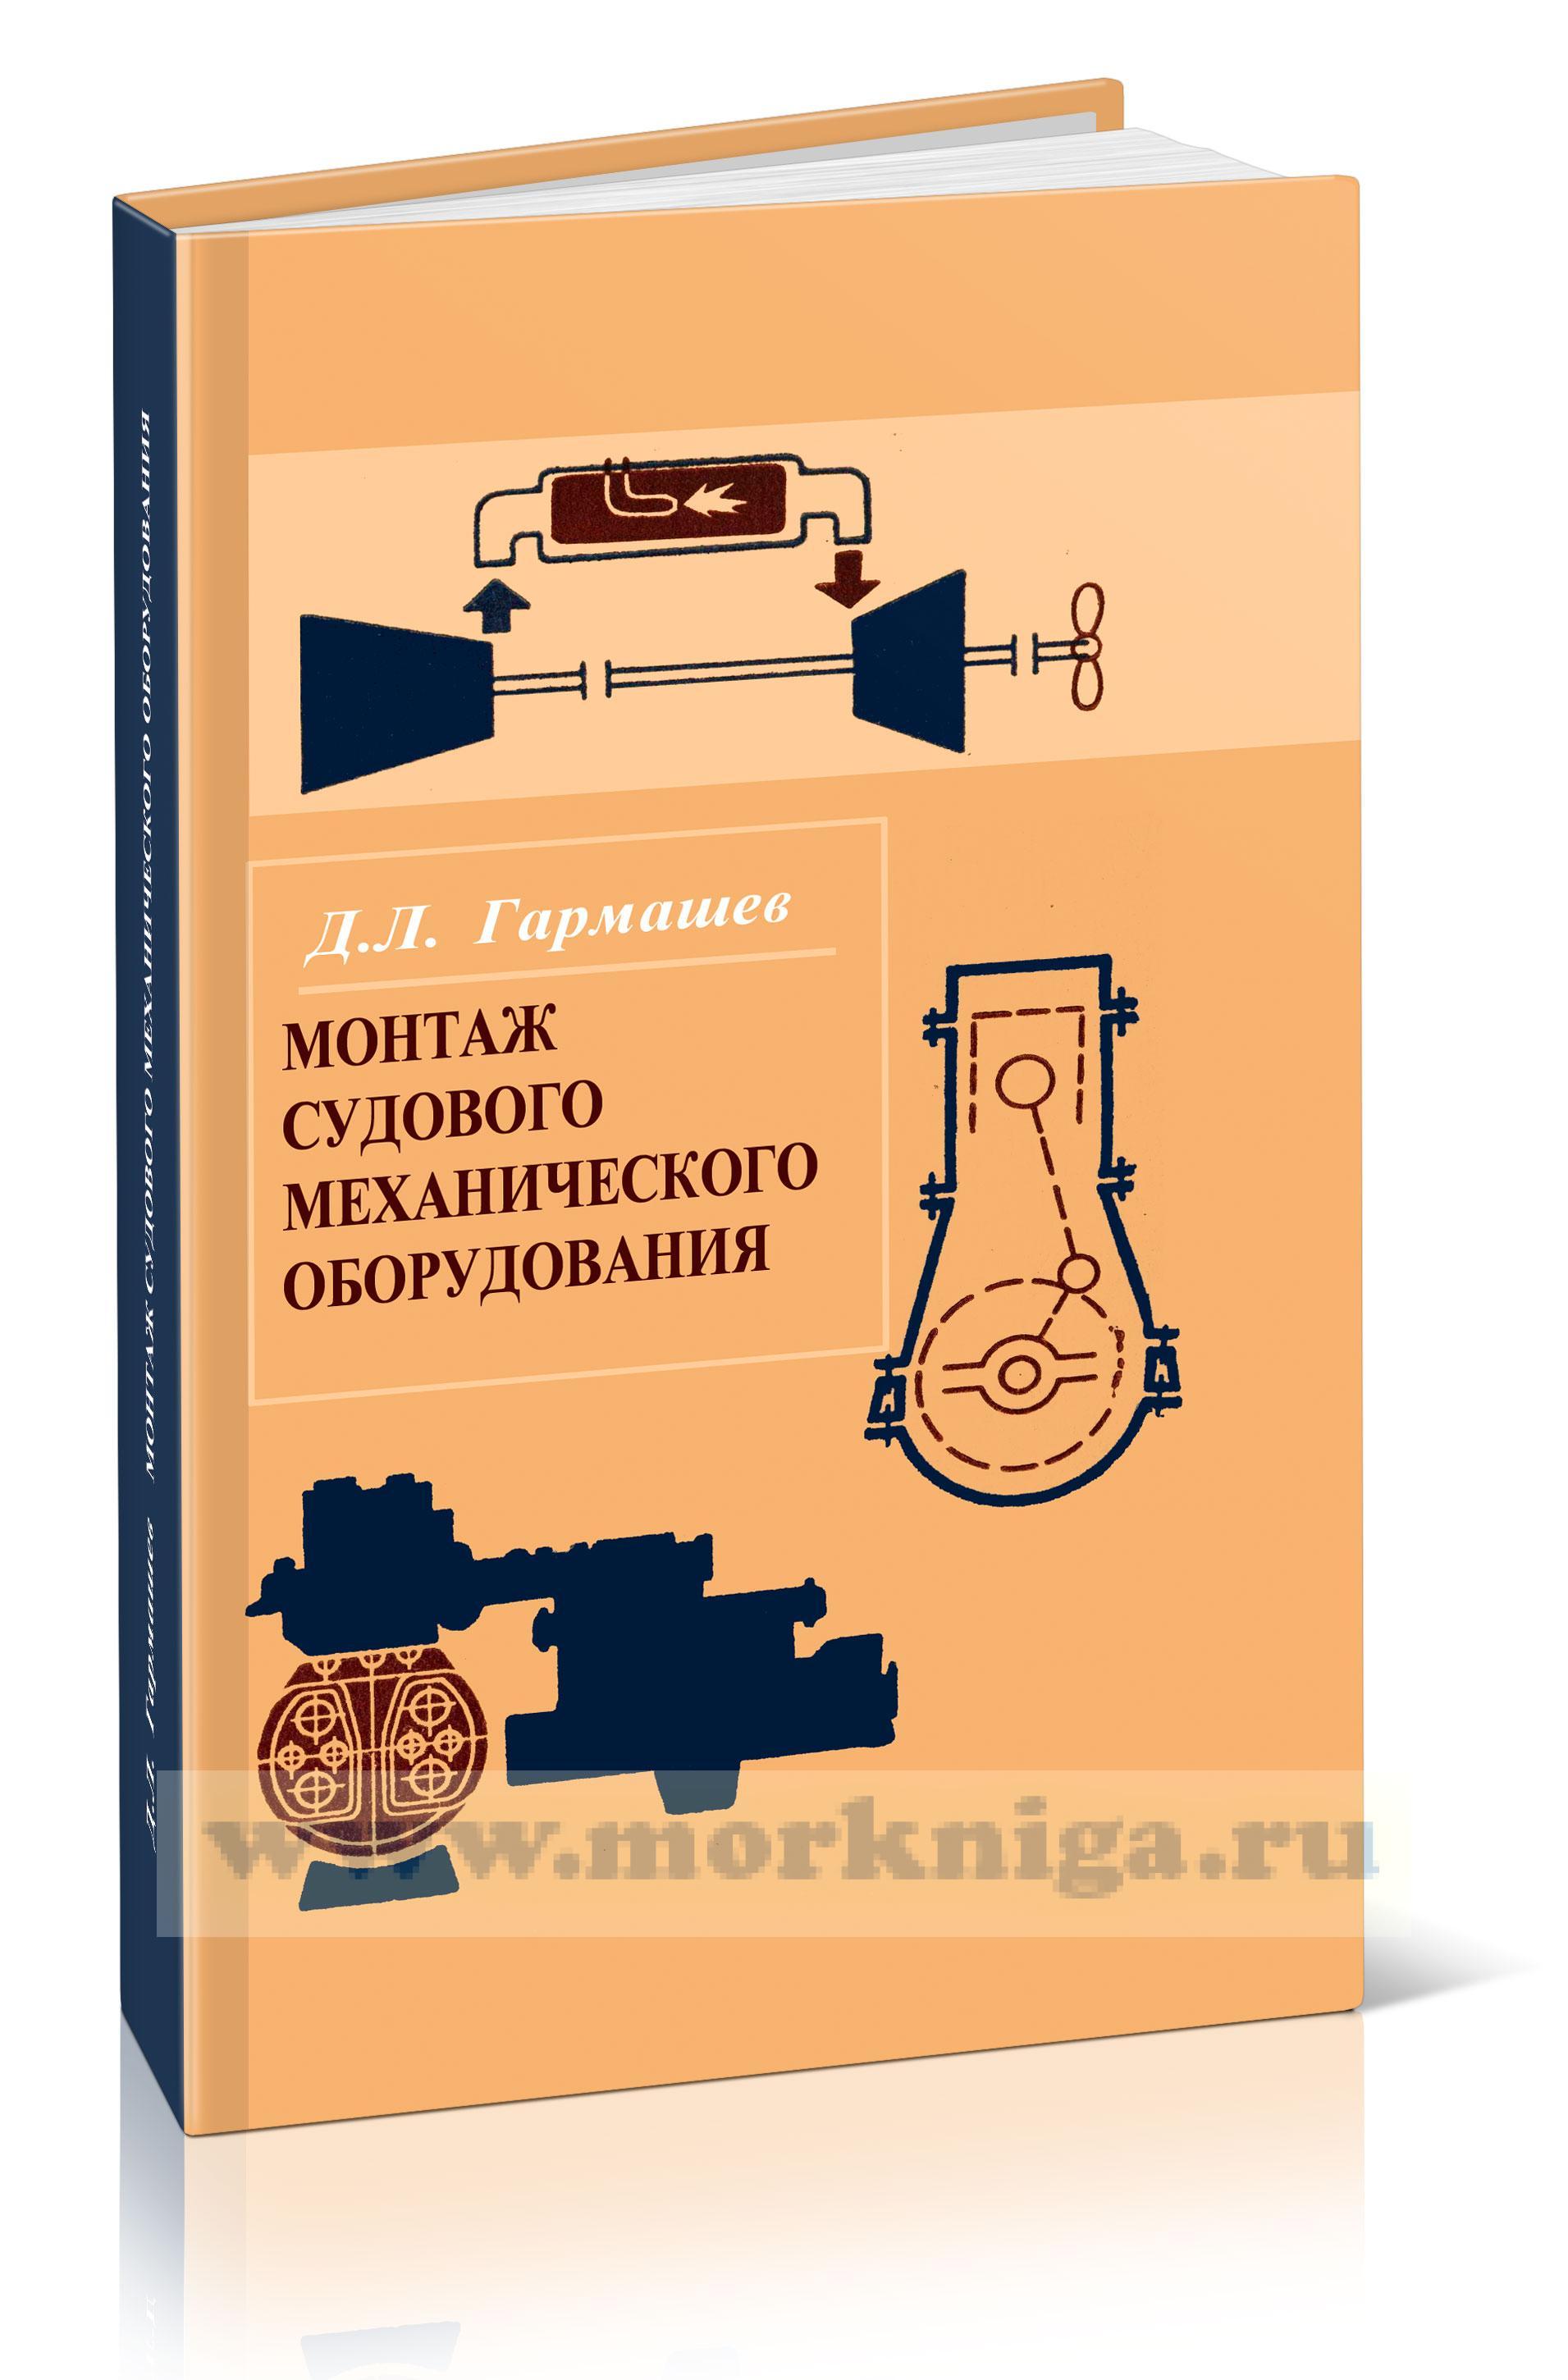 Монтаж судового механического оборудования